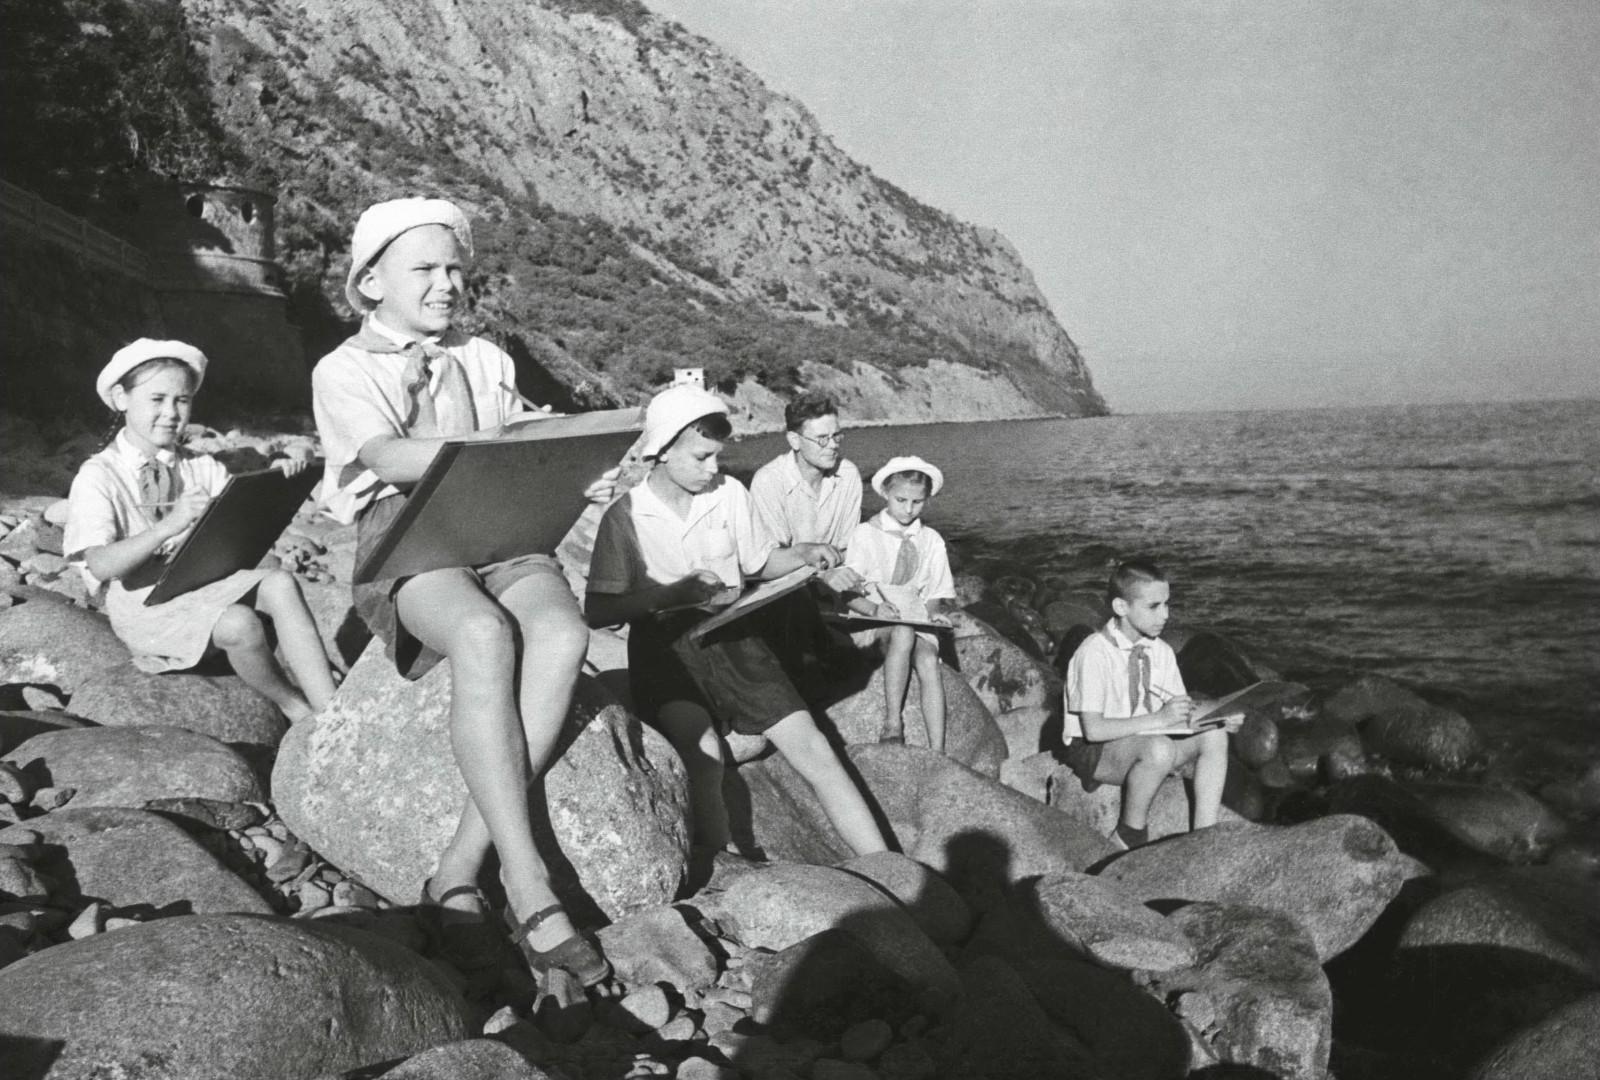 Юные художники на берегу Черного моря. 1950 год